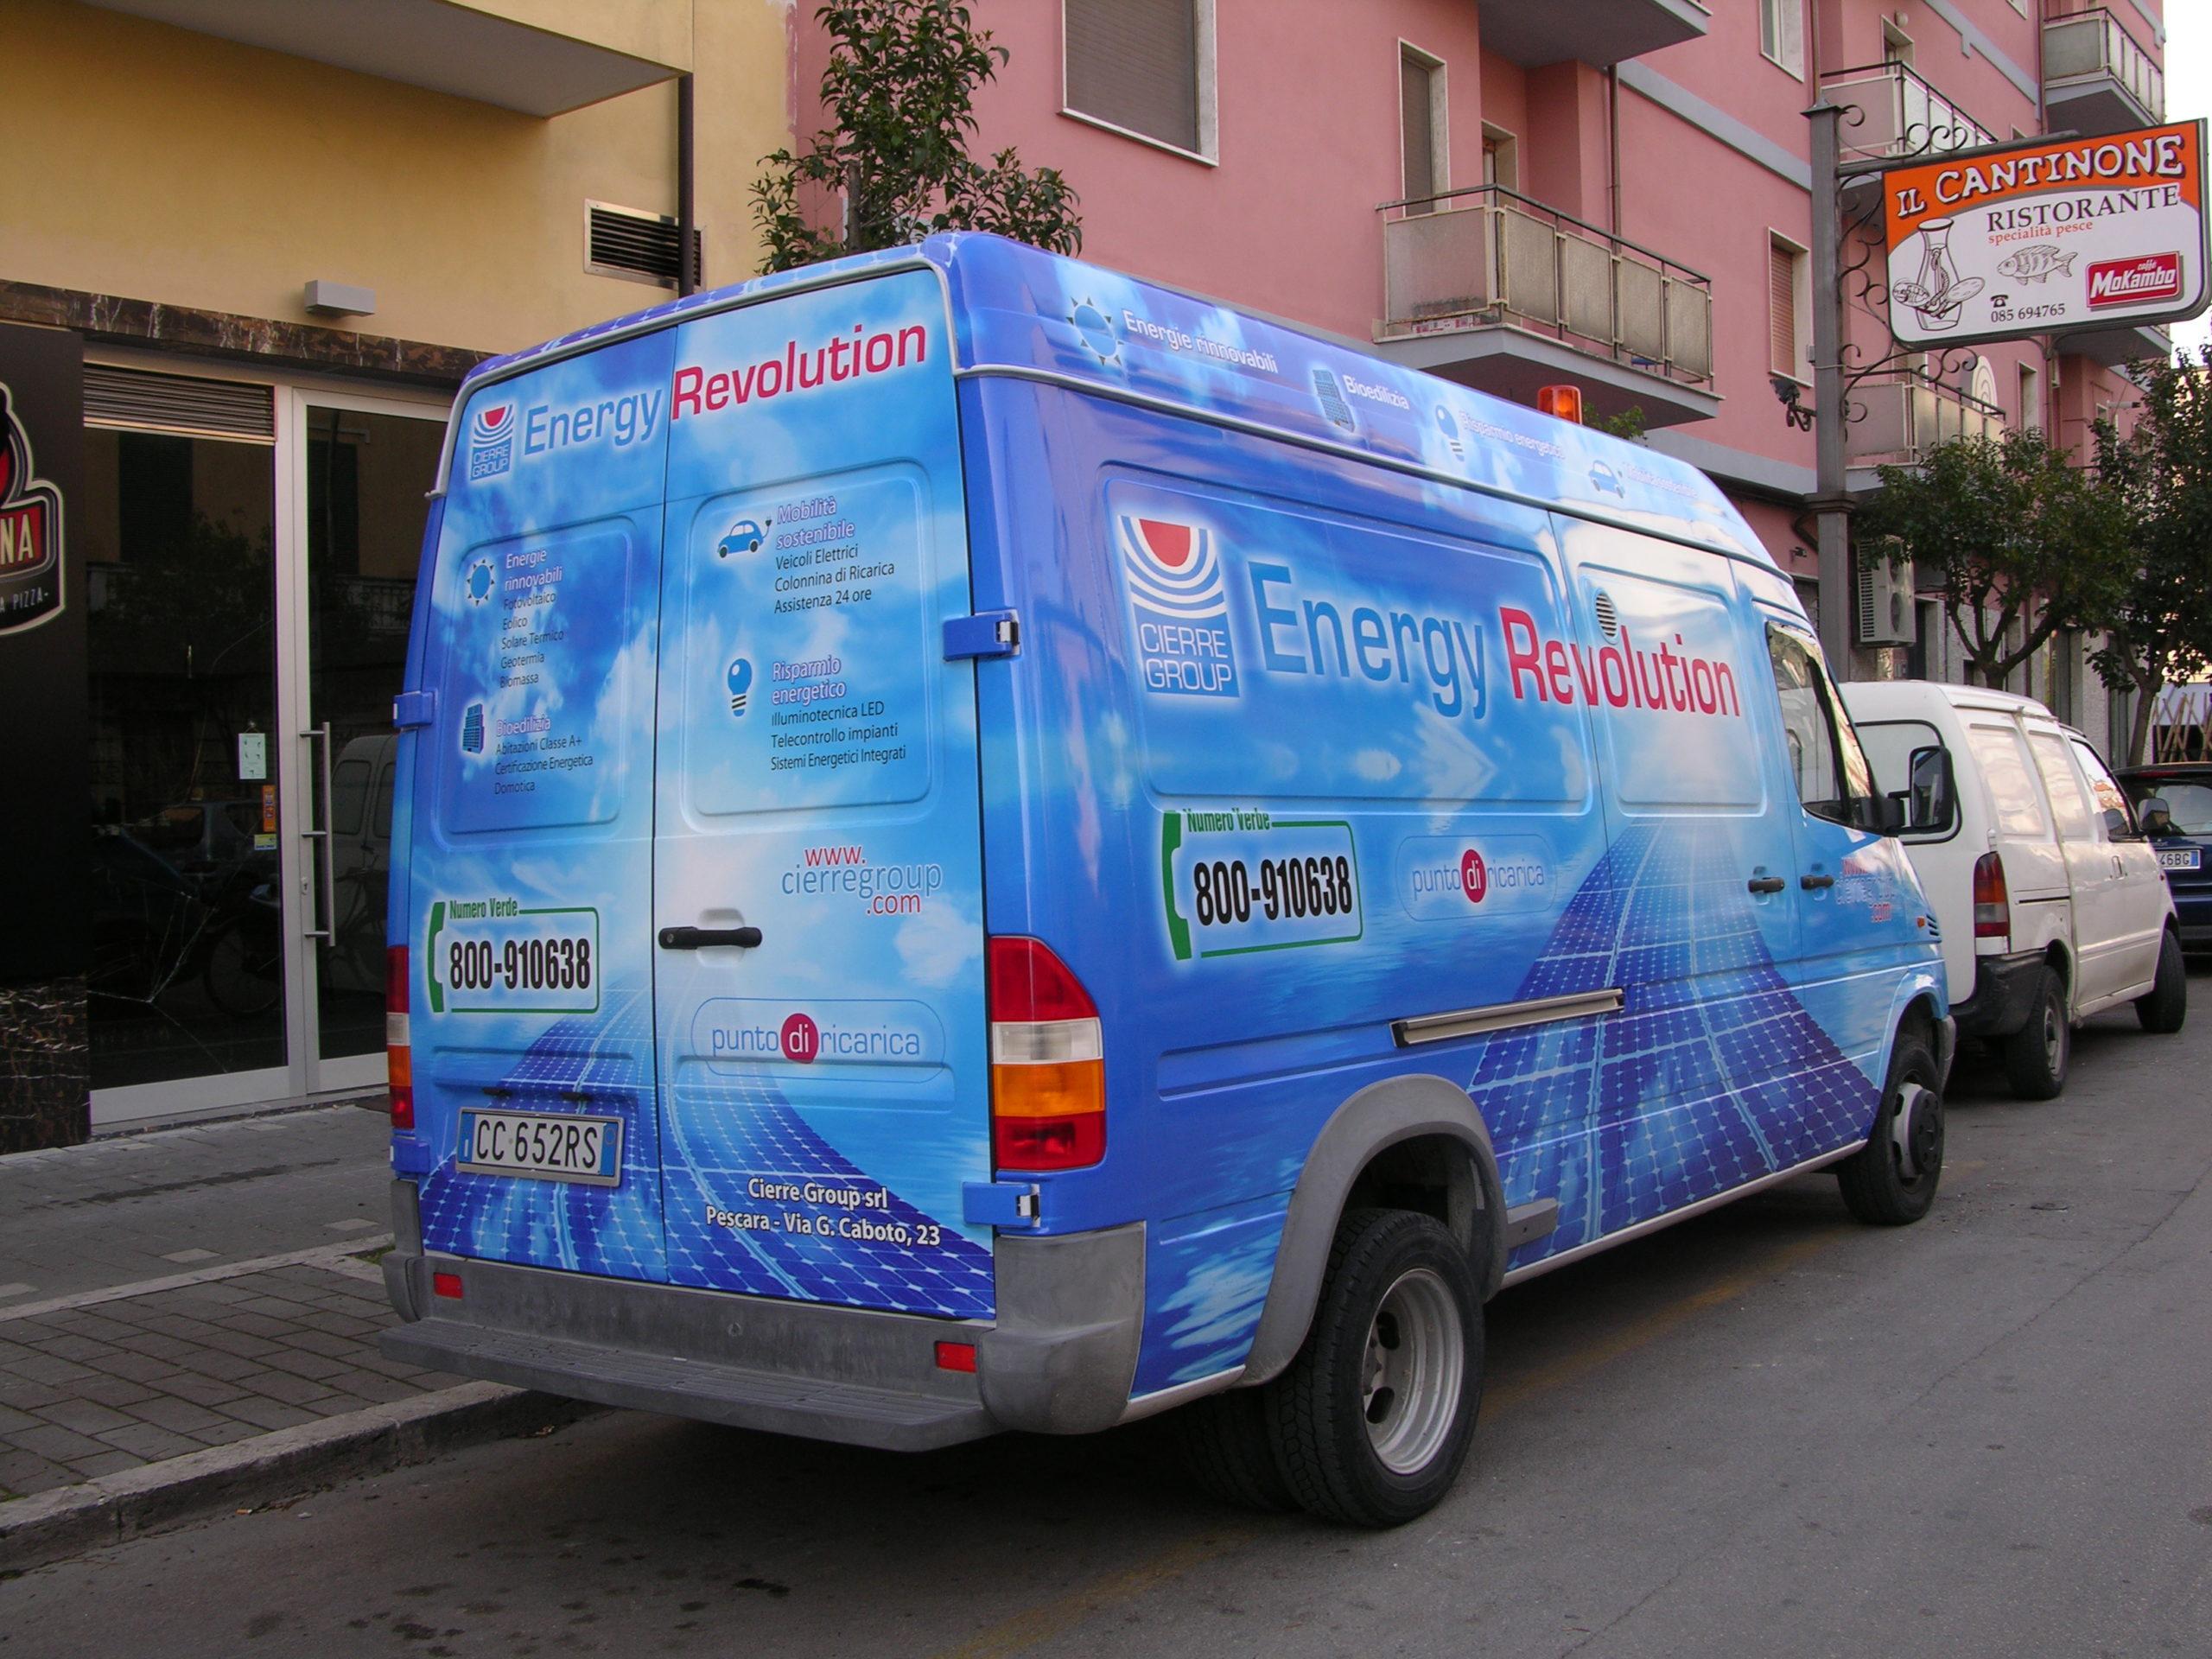 Cierre group furgone